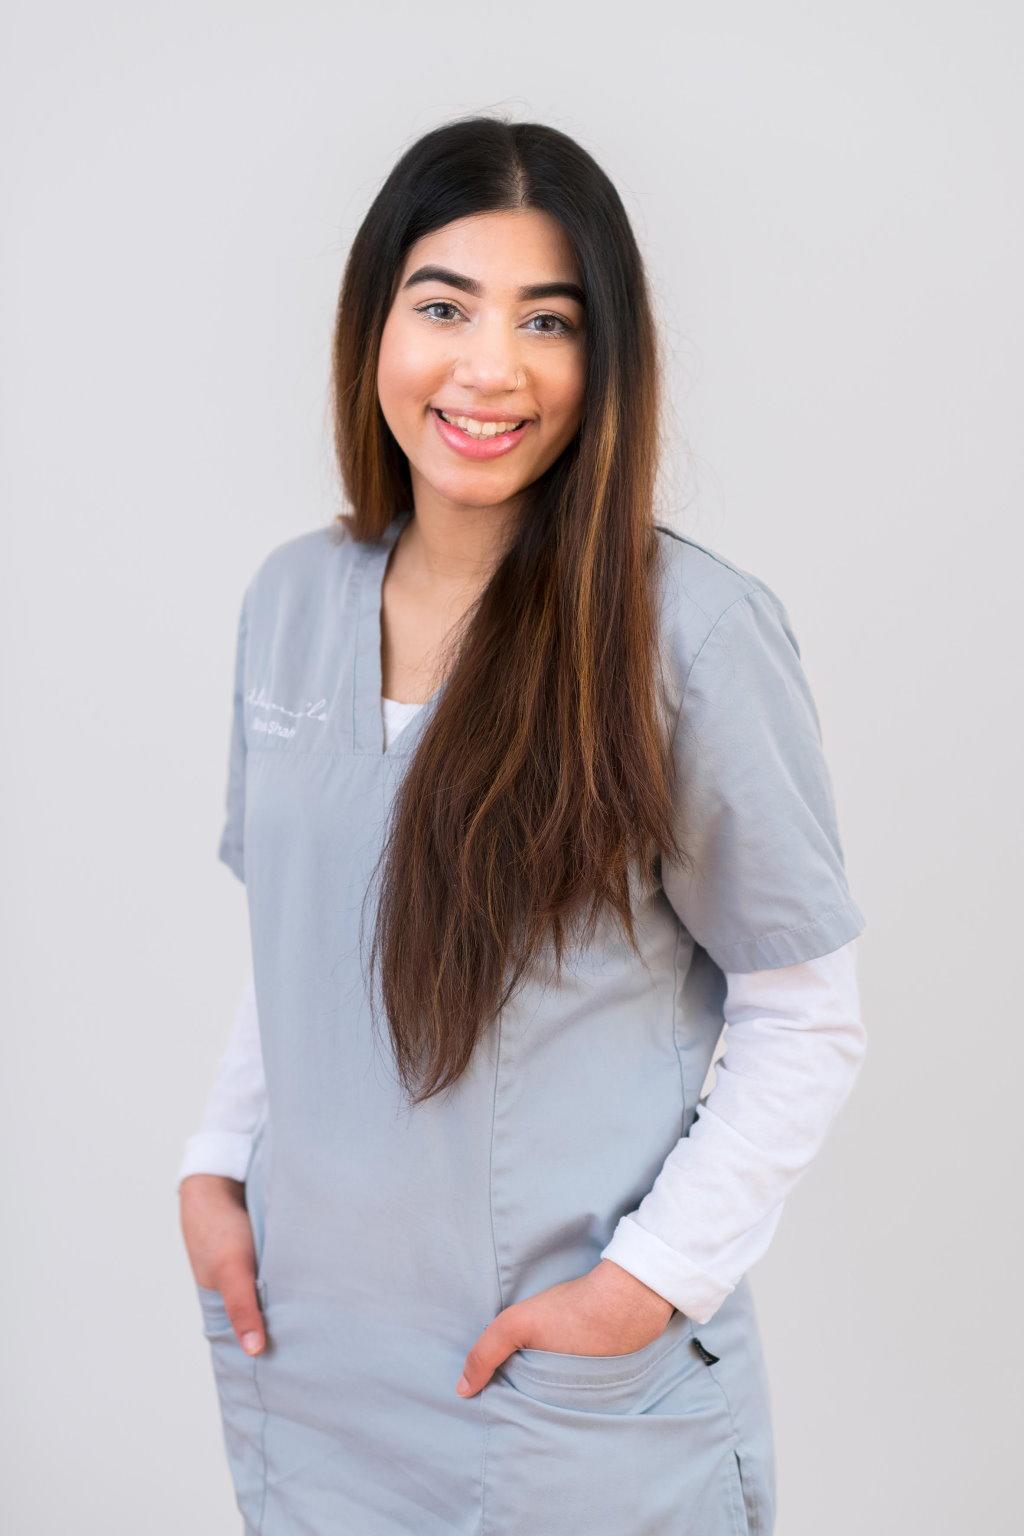 Marwa Shah